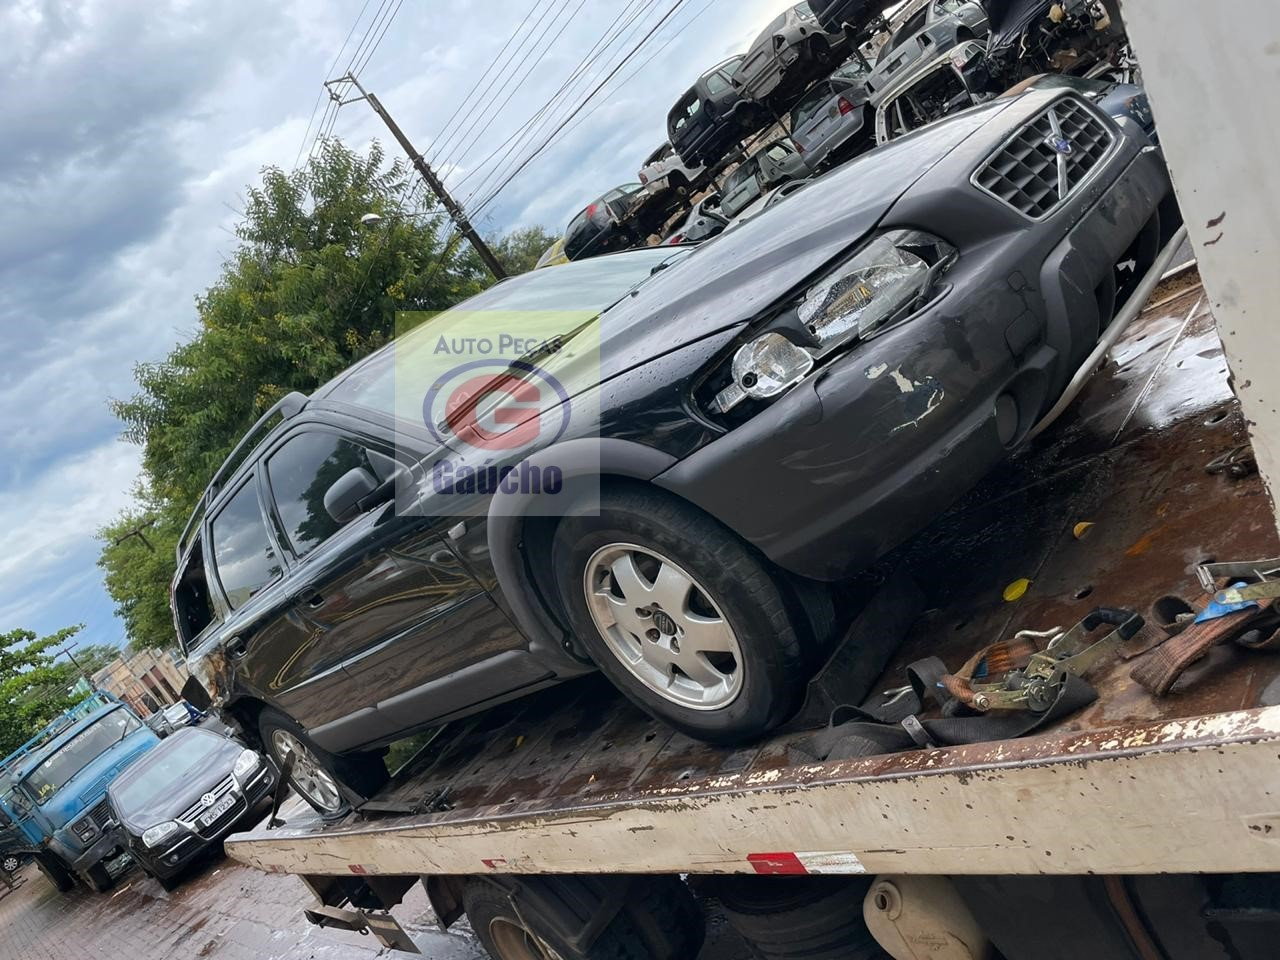 SUCATA VOLVO XC70  CROSS COUNTRY 2.5 TURBO 2004 4X4 AWD  20V 210CV CÂMBIO AUTOMÁTICO.